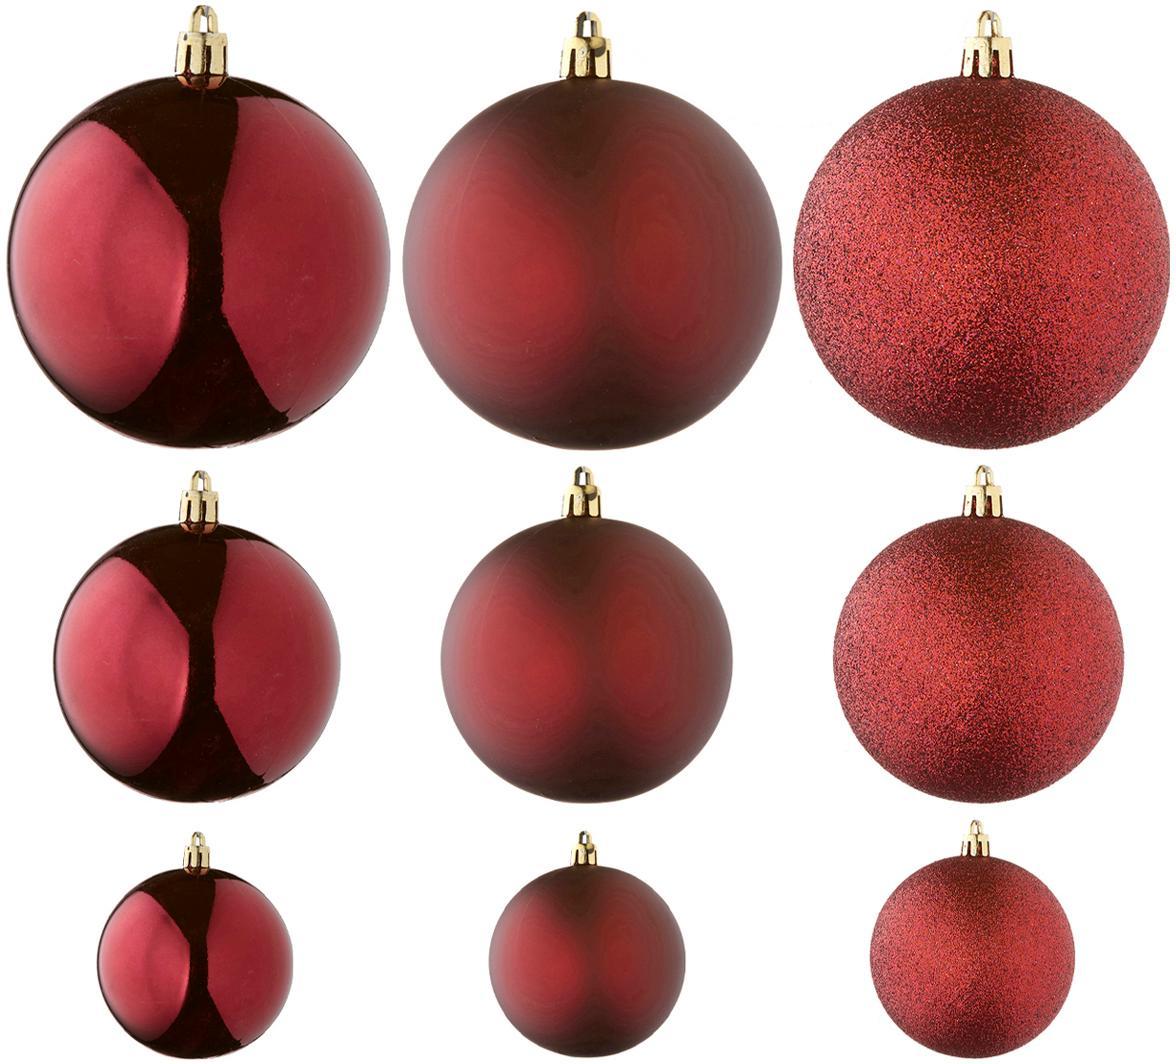 Set de bolas de Navidad Natalie, 46uds., Plástico, Rojo oscuro, Set de diferentes tamaños